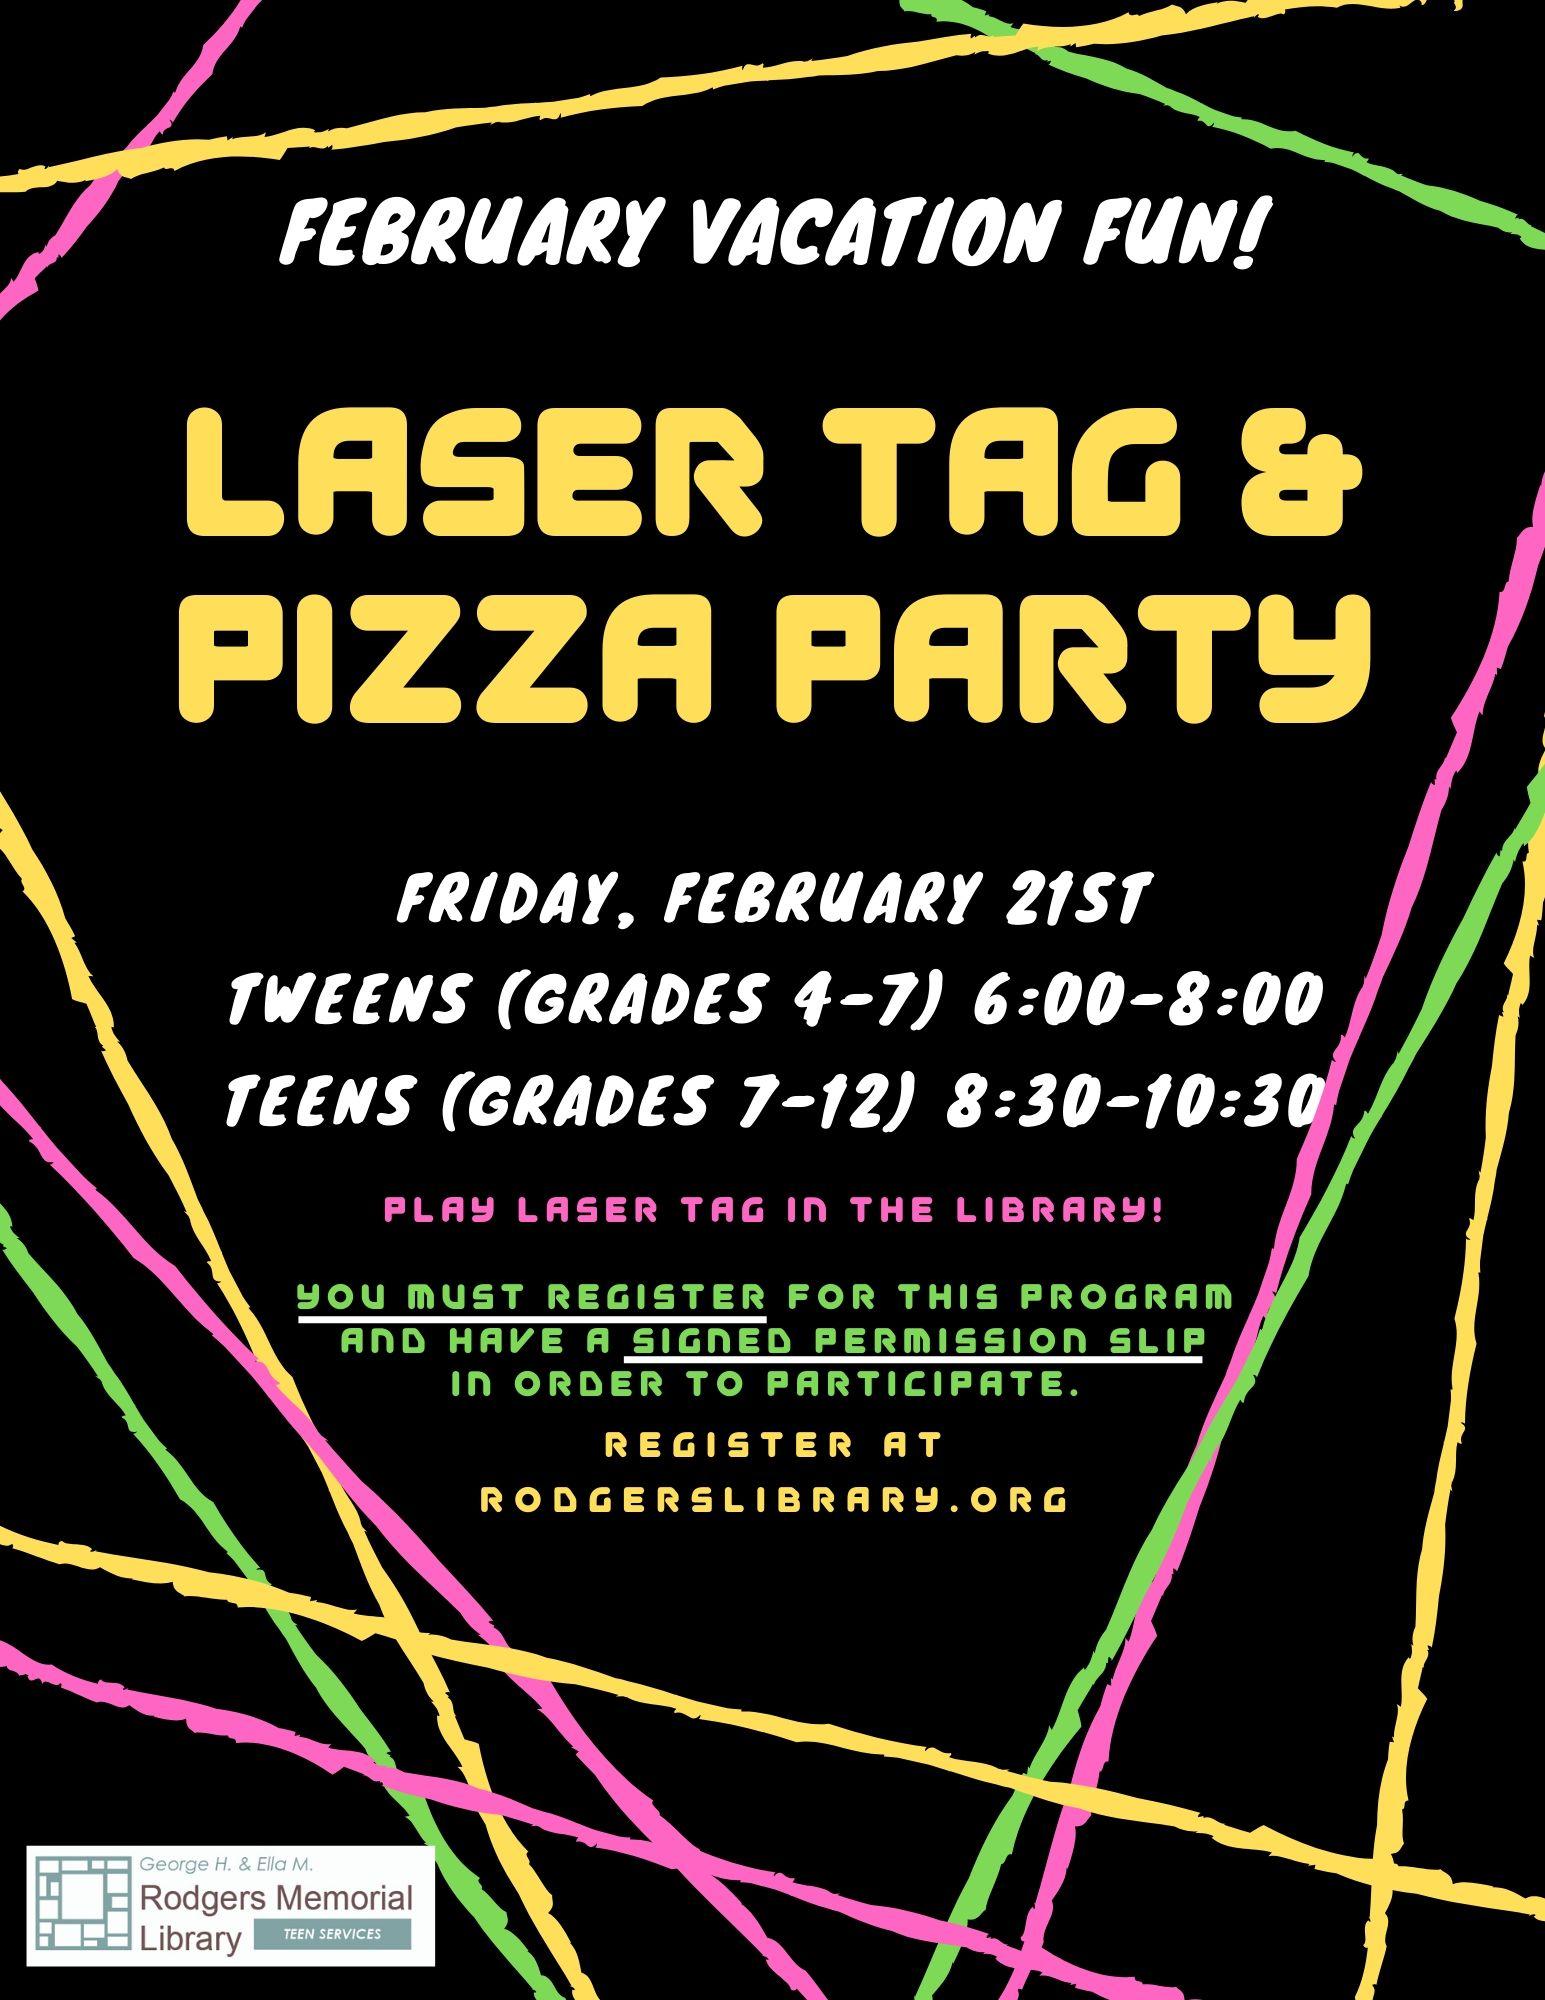 Teen Laser Tag!